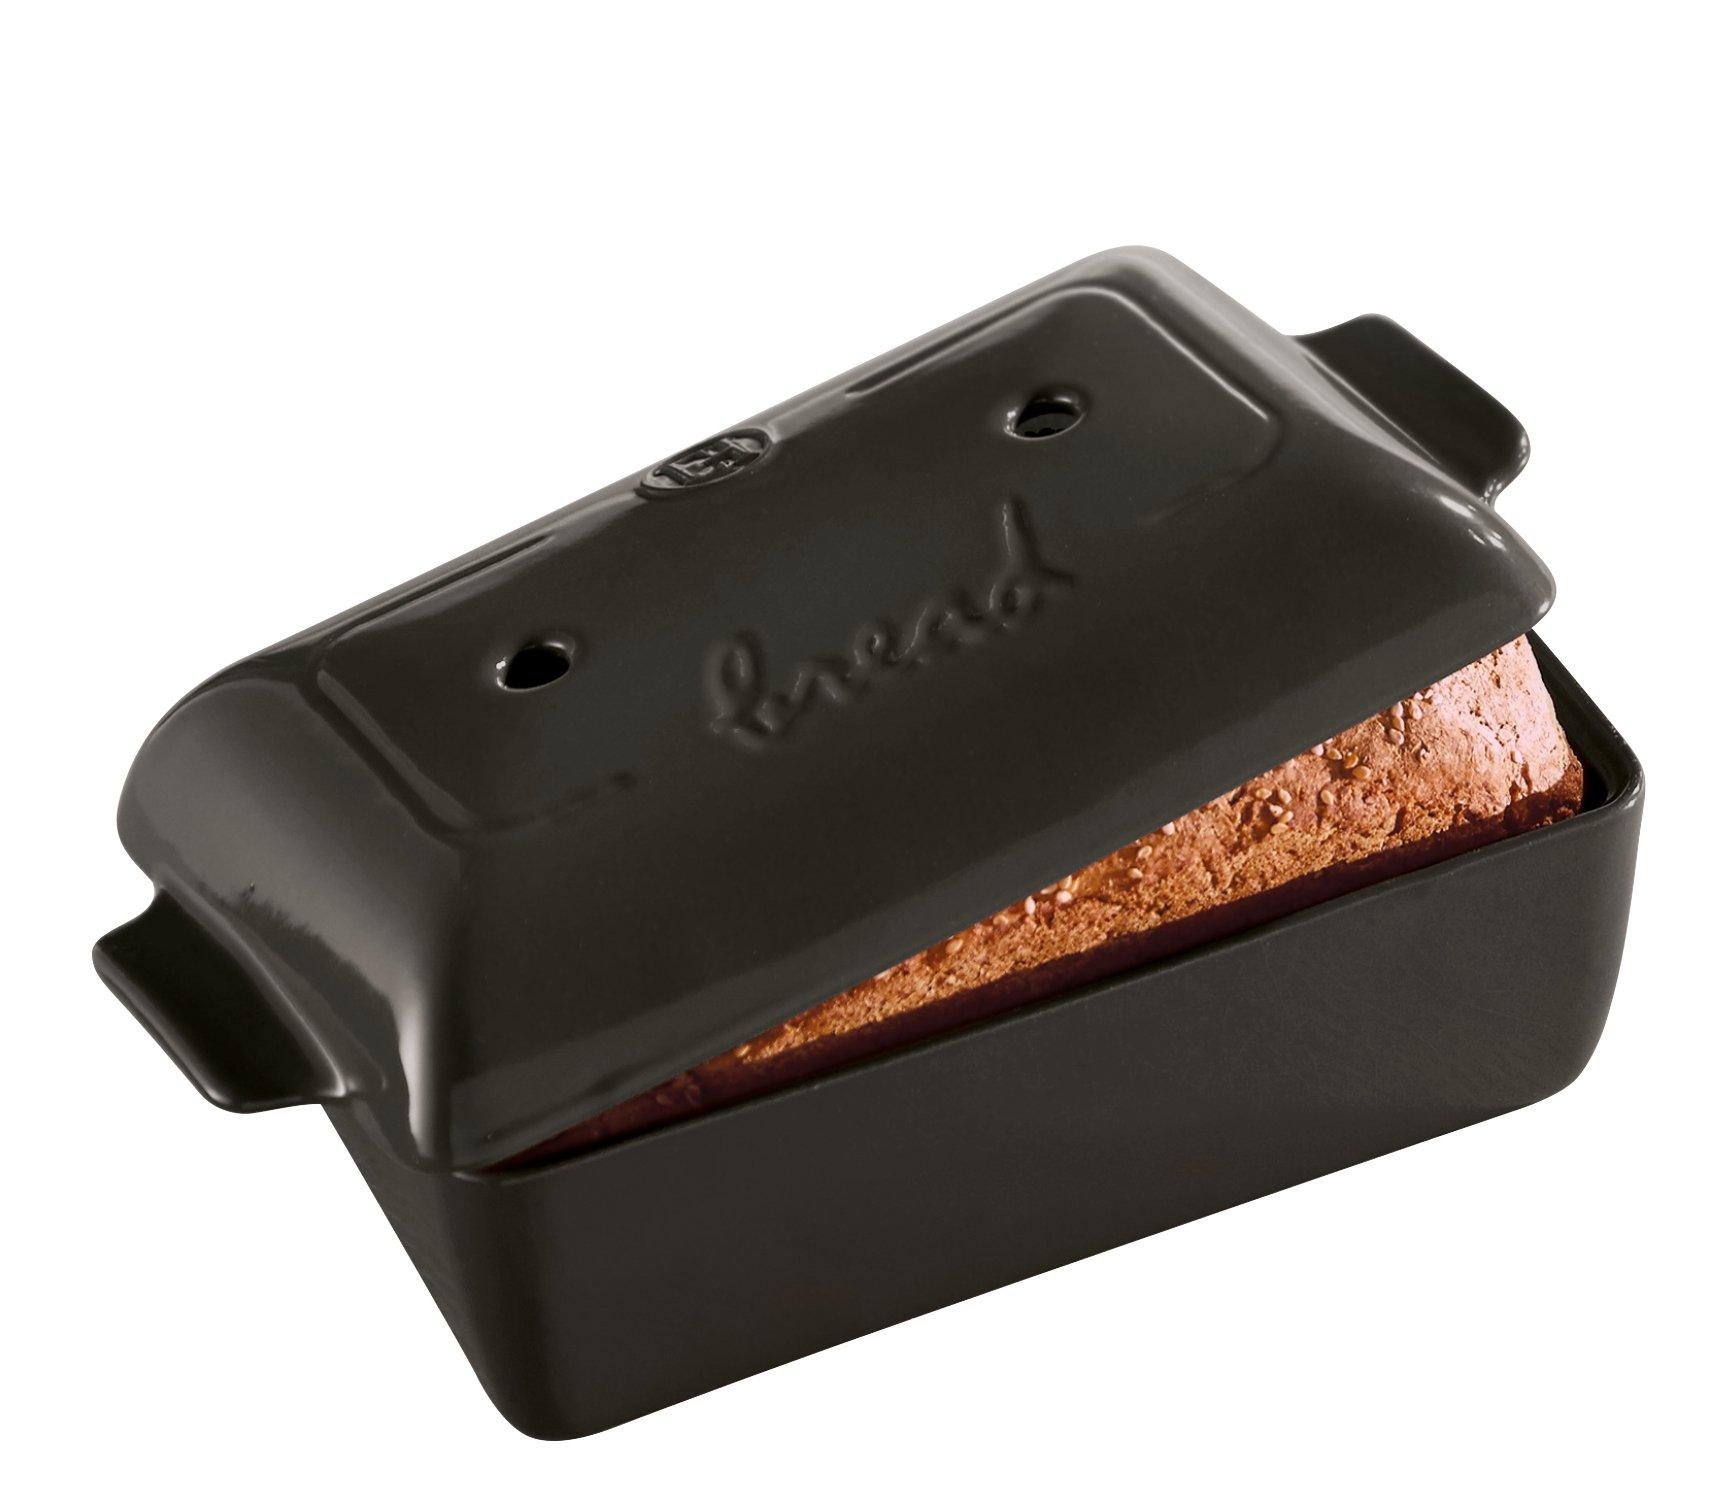 Emile Henry Bread Loaf Baker, Ceramic, Charcoal, 24x15x12.5 cm by Emile Henry (Image #1)